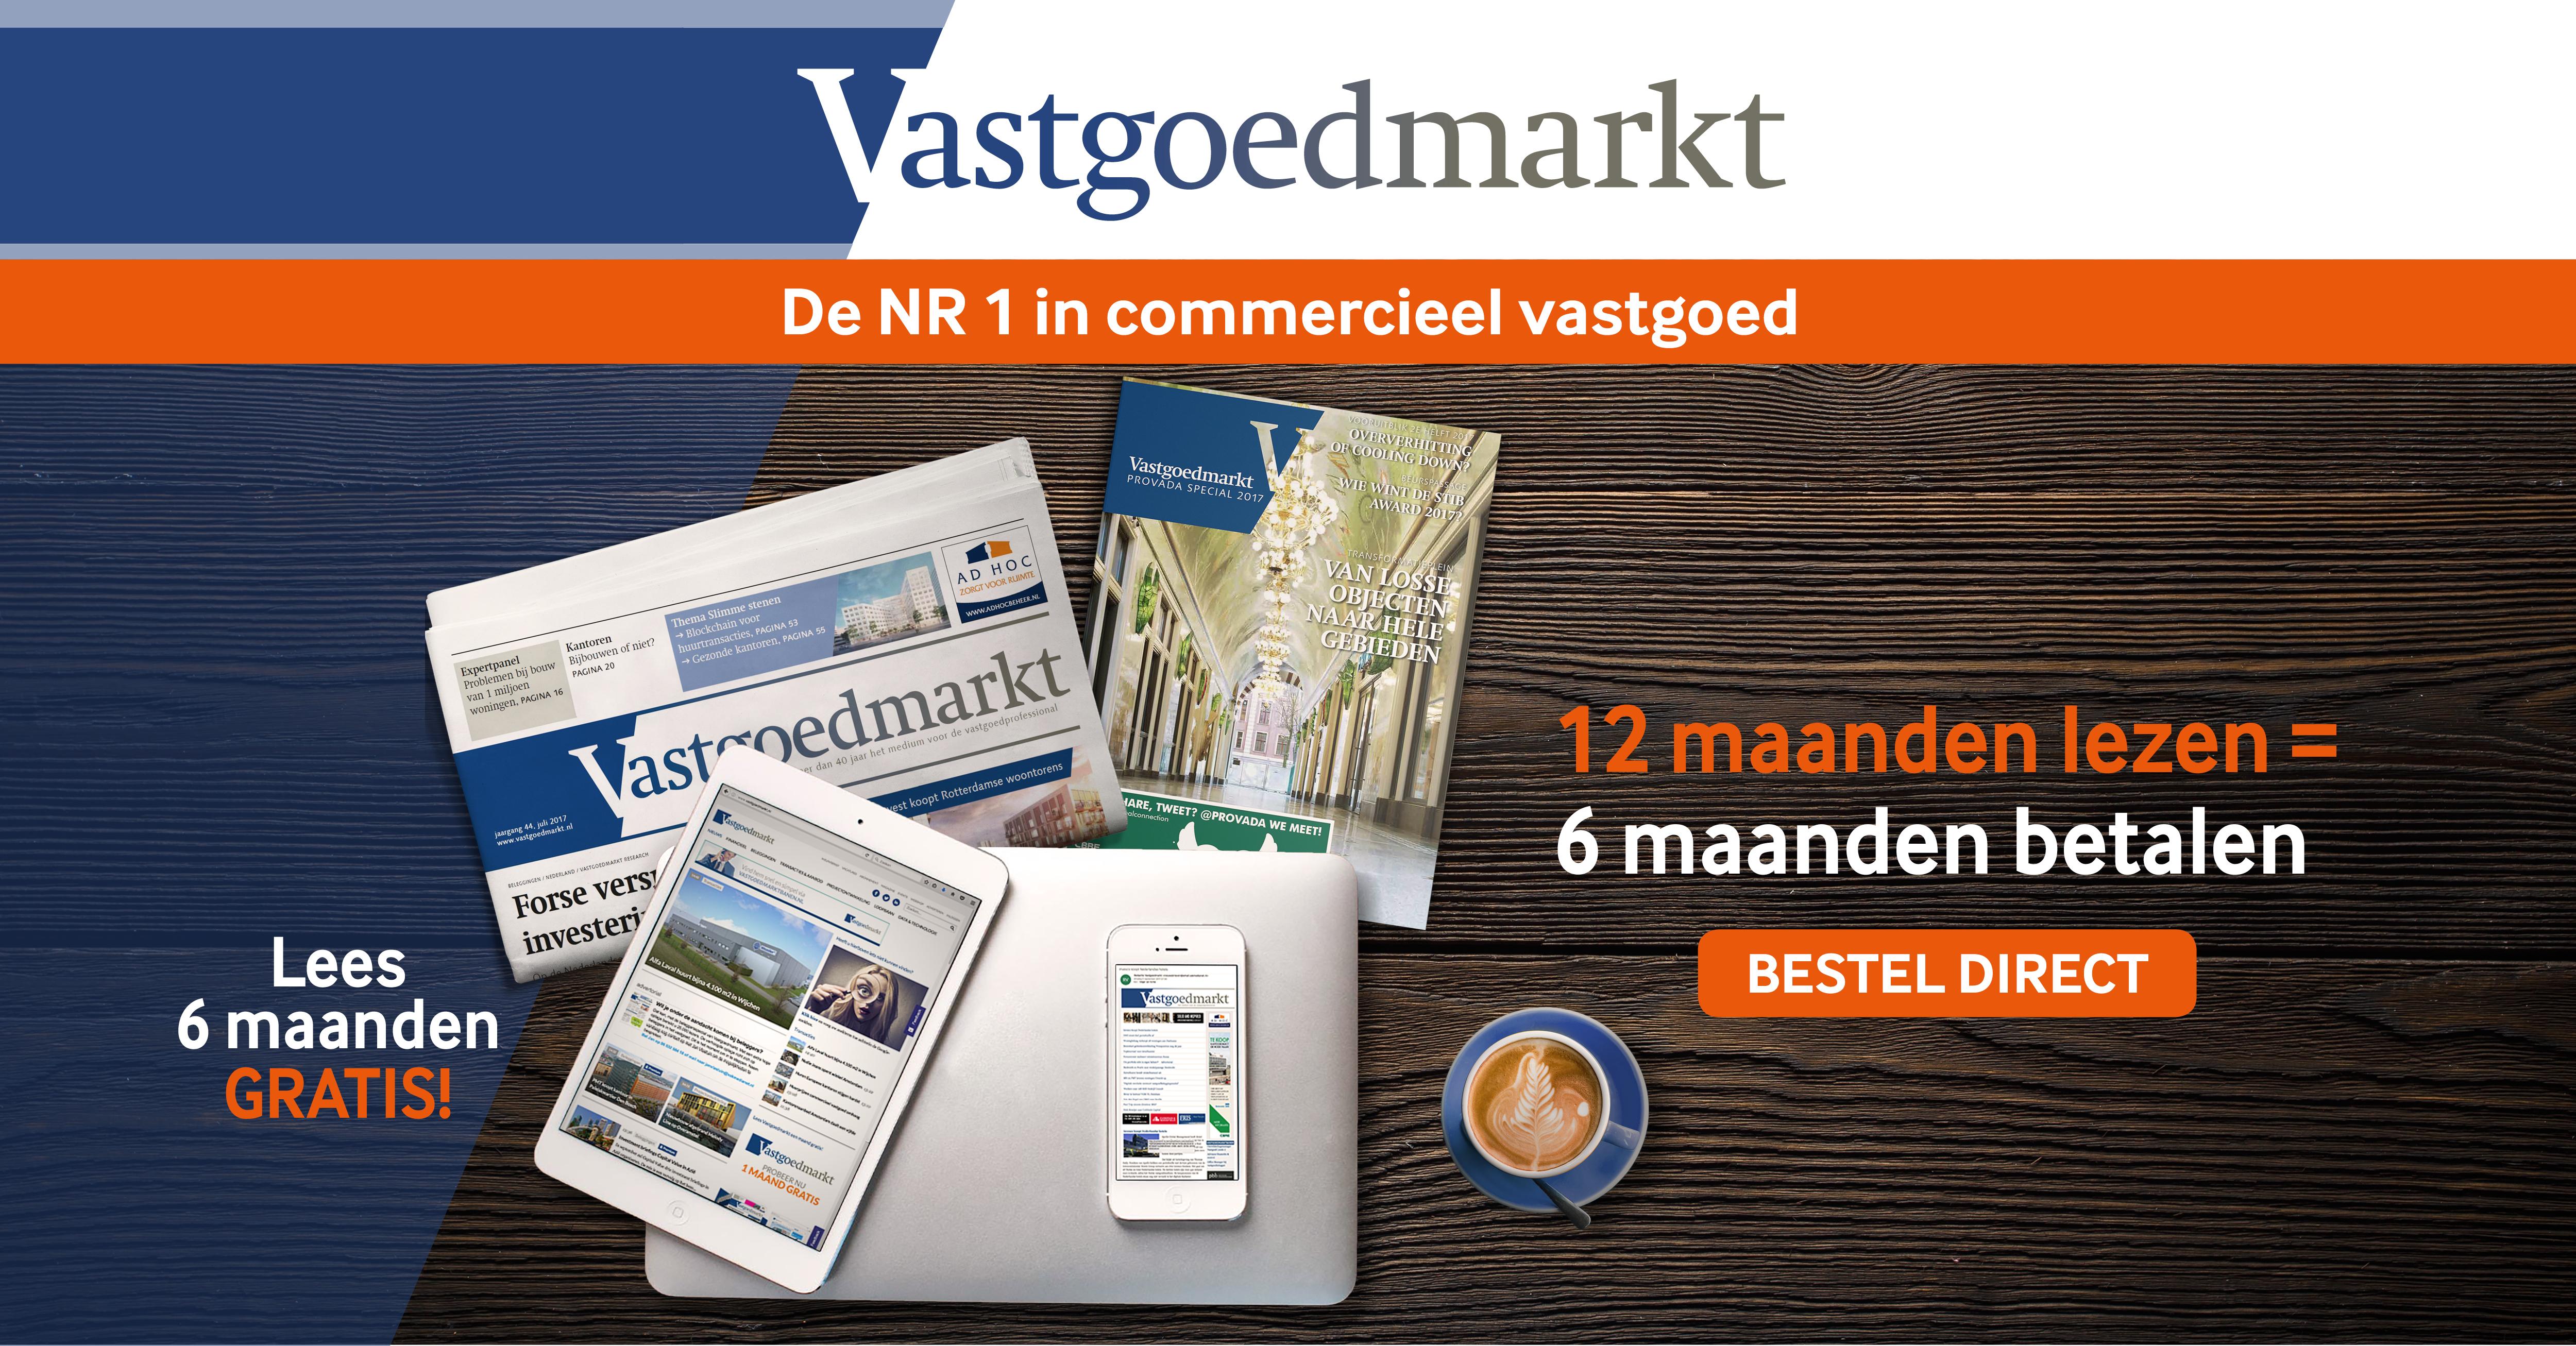 40 jaar vastgoedmarkt 6 maanden gratis   Vastgoedmarkt 40 jaar vastgoedmarkt